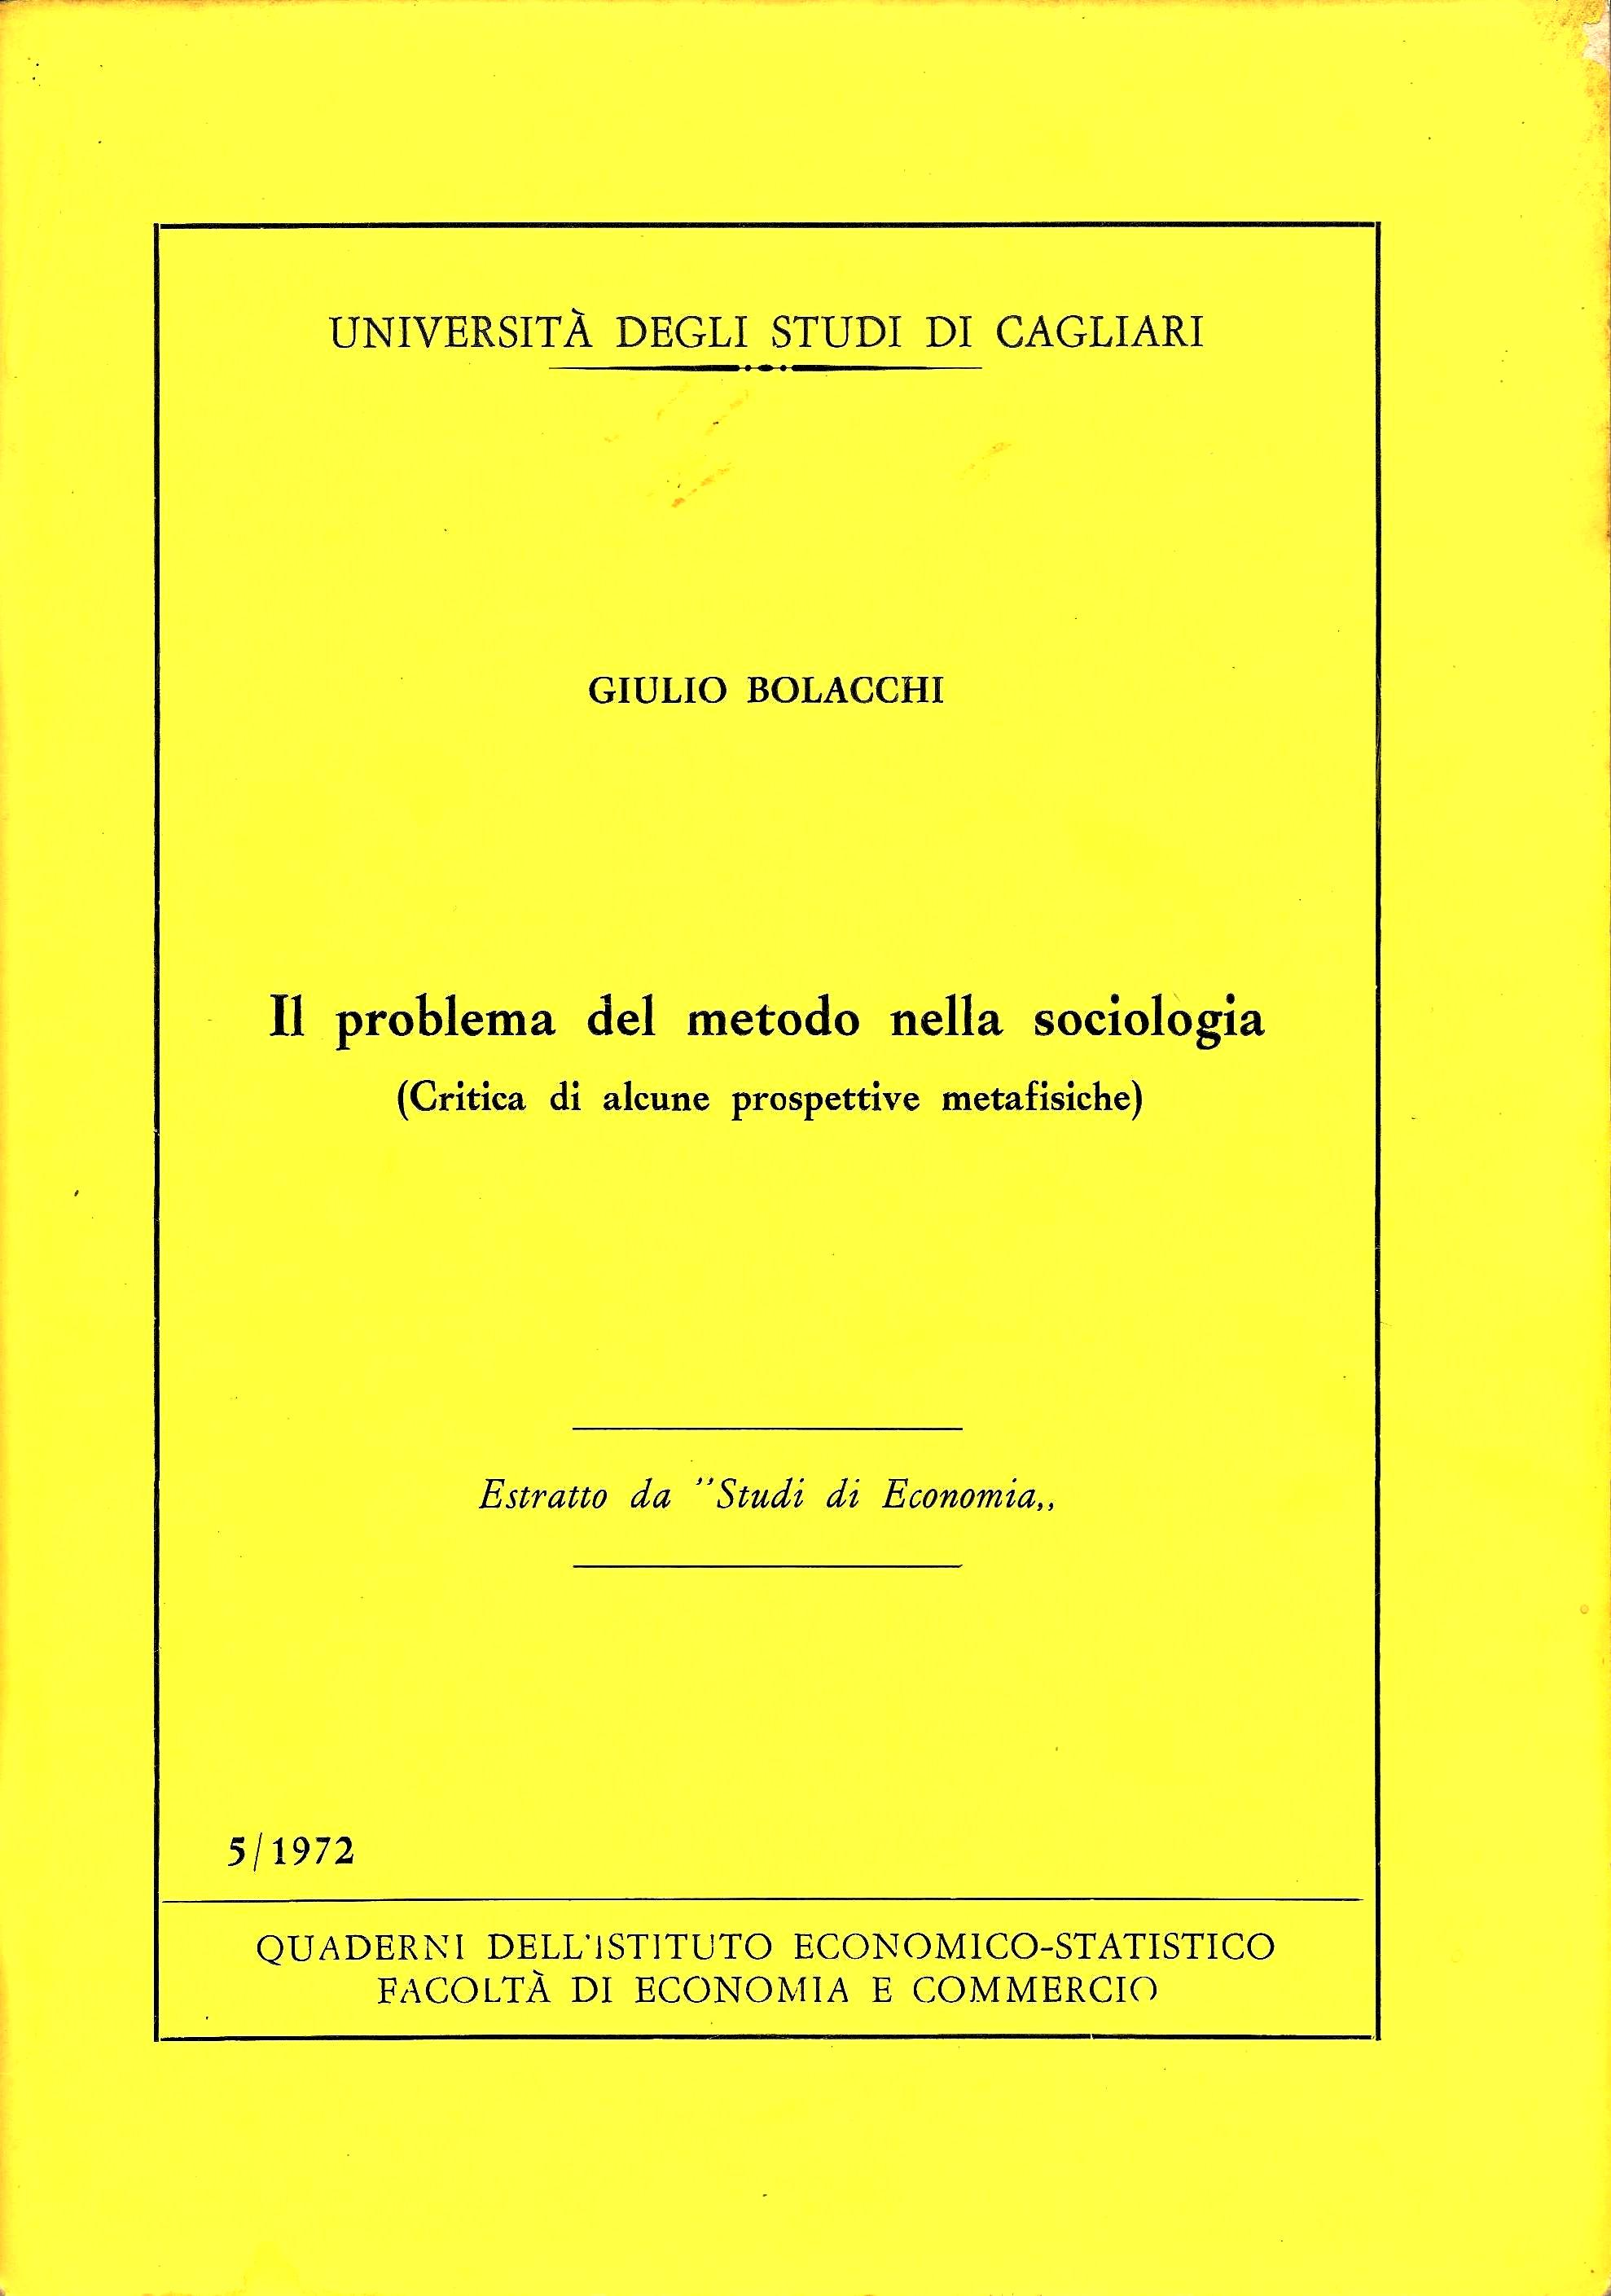 """G. Bolacchi, Il problema del metodo nella sociologia, """"Studi di Economia"""", vol. V, pp. 3-53, 1972"""